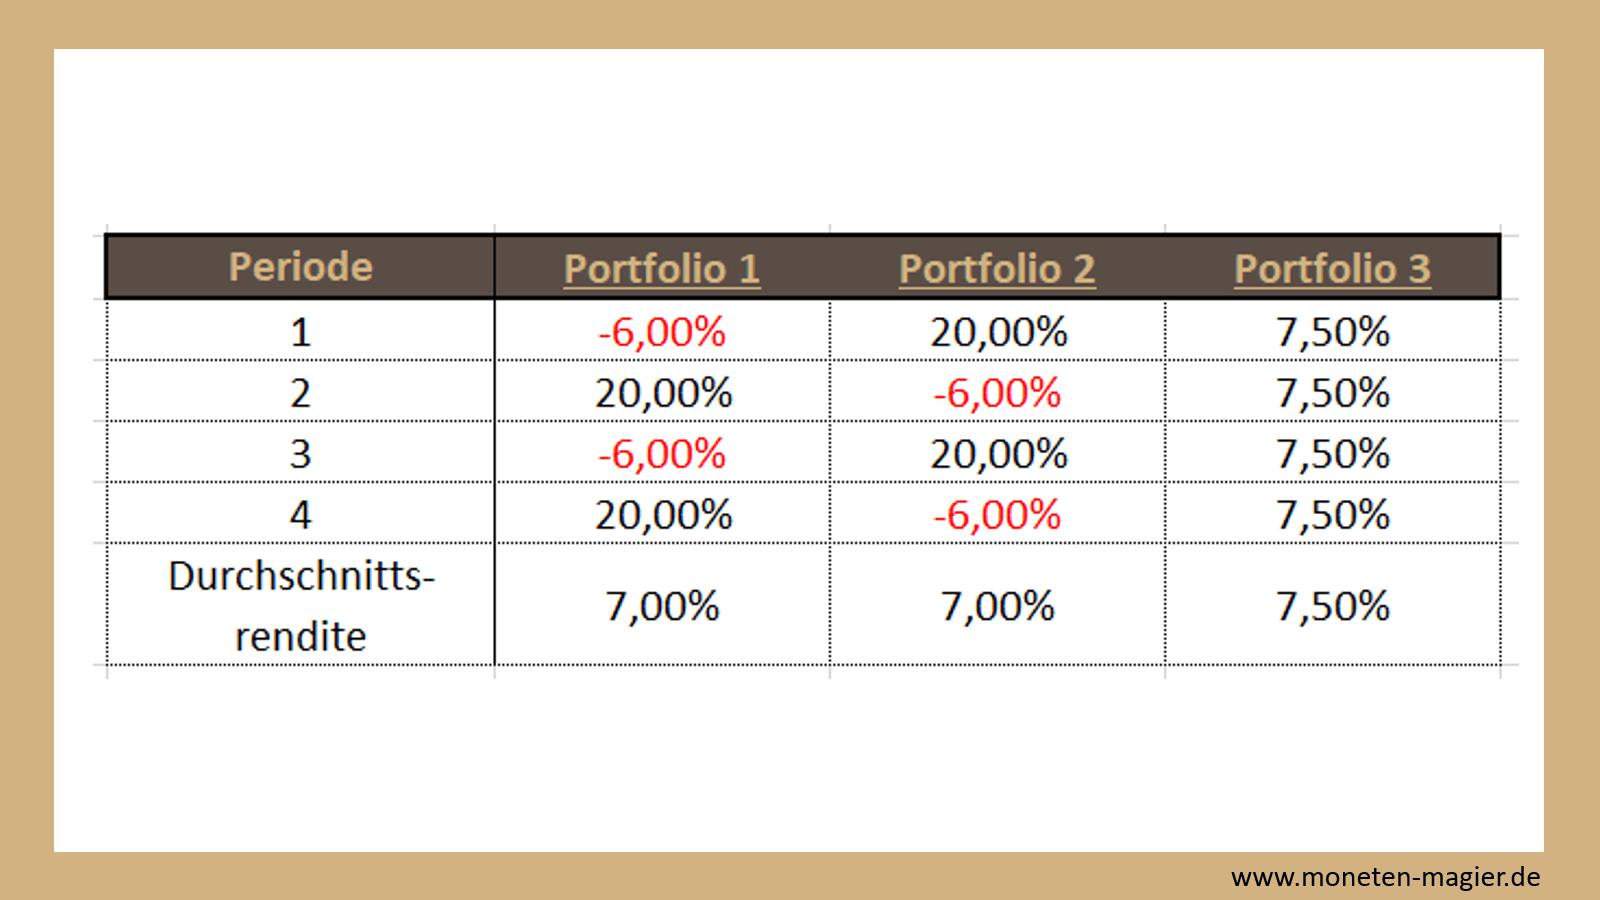 Anlageklassen Portfolioaufteilung Moneten Magier